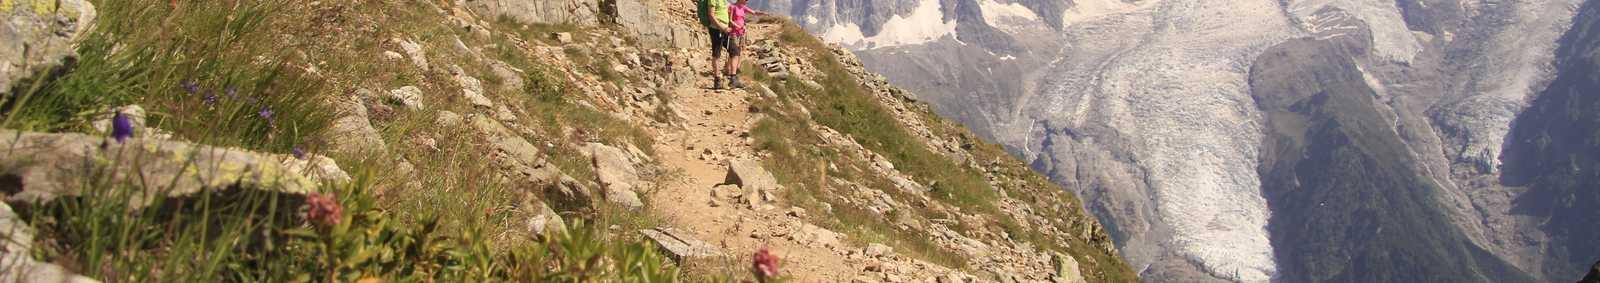 Trekking in Mont Blanc